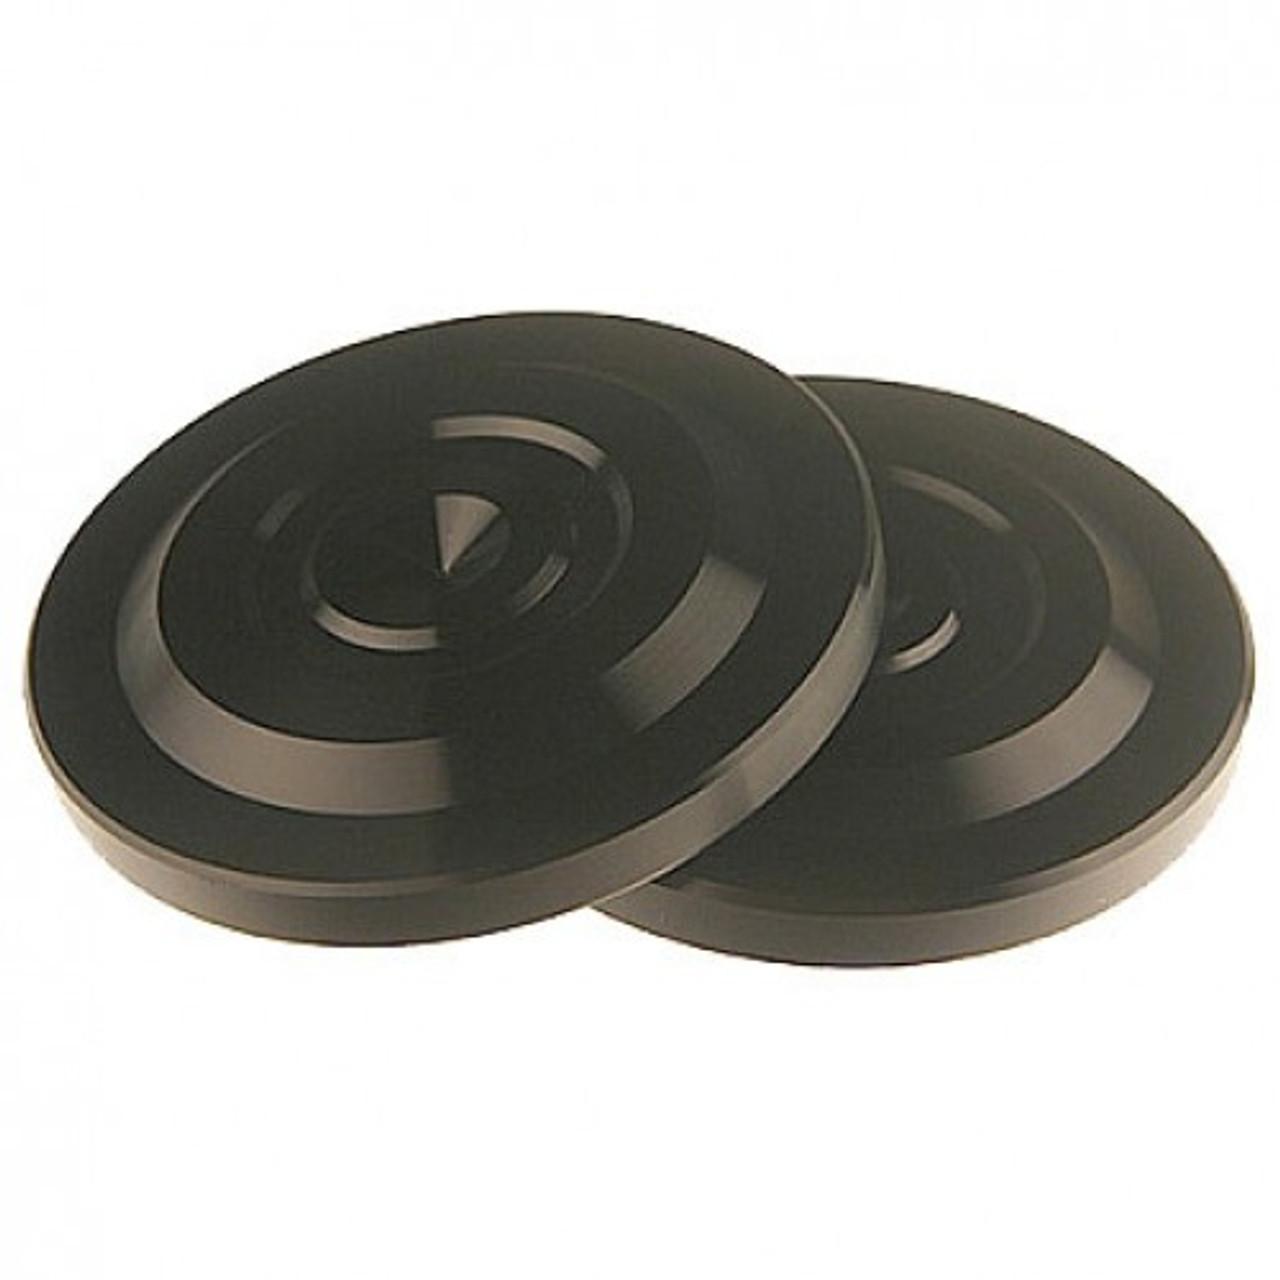 MagicShoes Floor Protectors